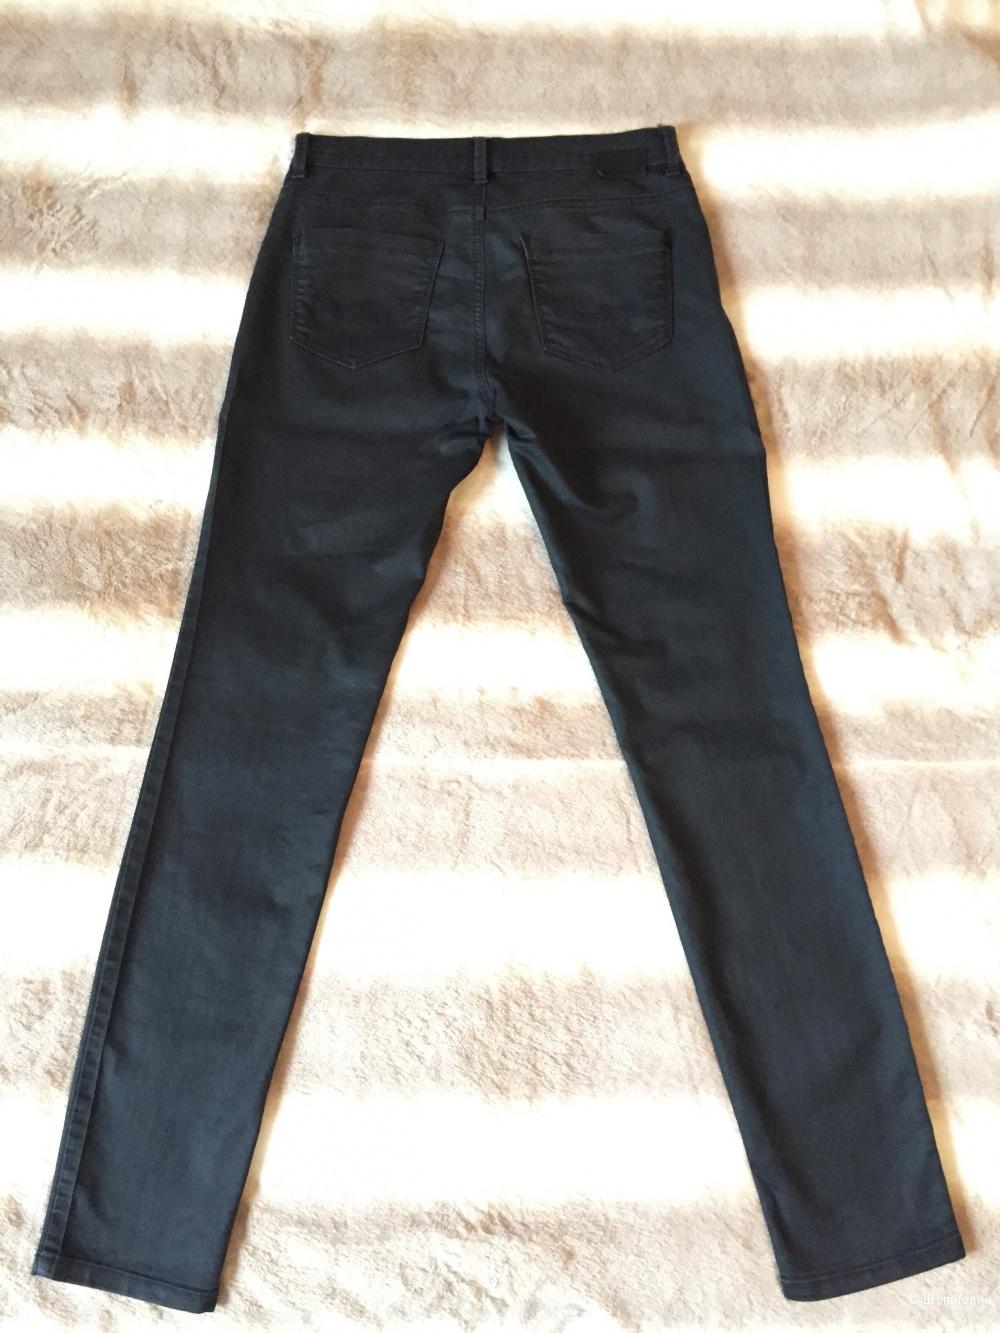 Джинсовые штаны Tom Tailor slim, 29 размер